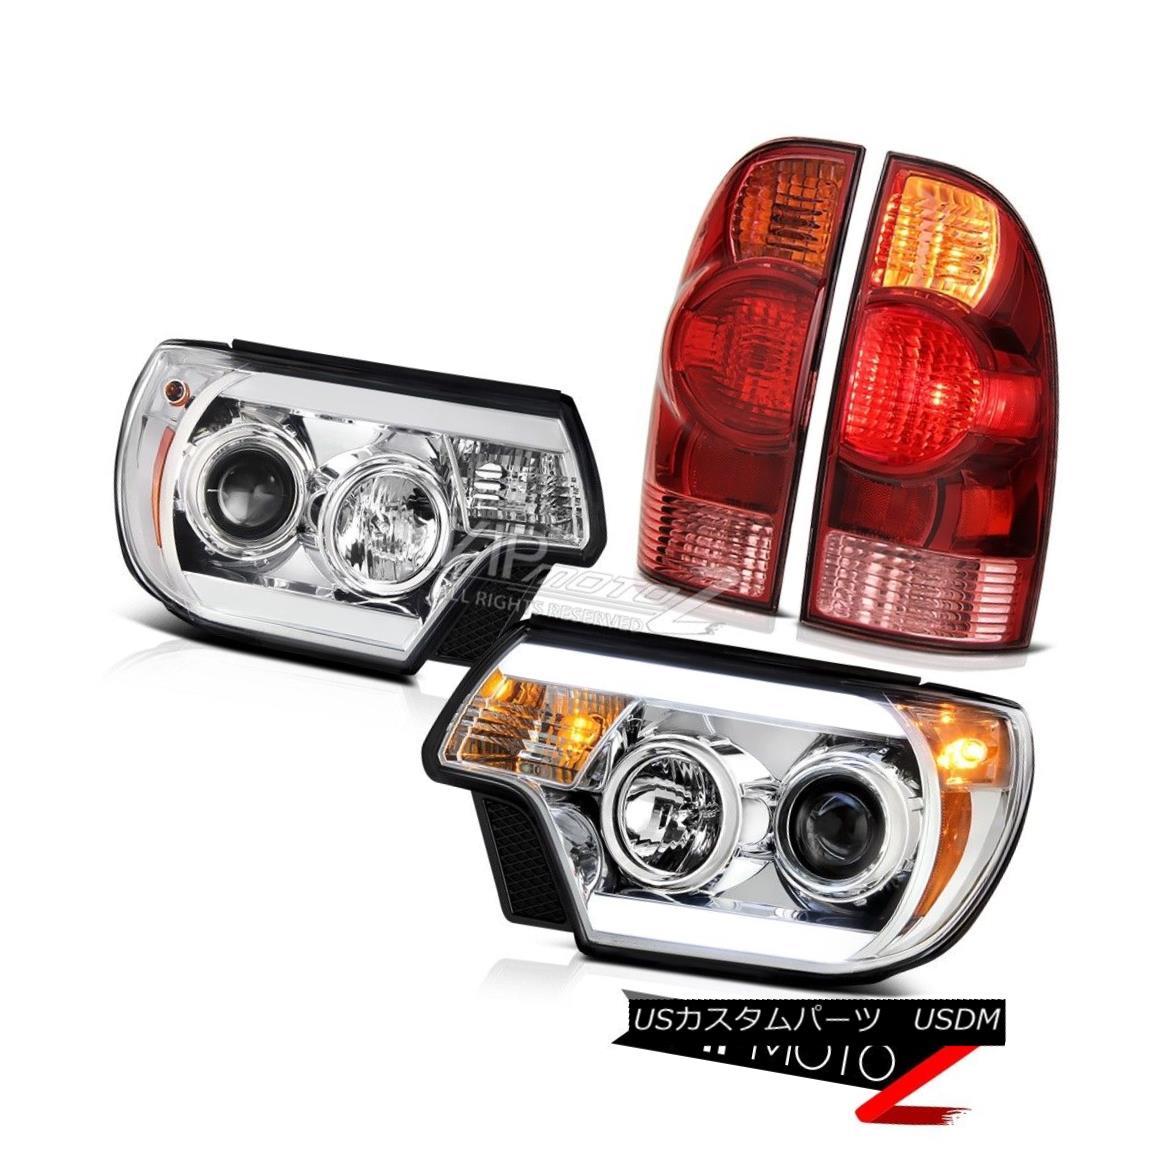 テールライト 12 13 14 15 Toyota Tacoma 4X4 Chrome headlamps wine red taillamps Neon Tube Cool 12 13 14 15トヨタタコマ4X4クロームヘッドランプワインレッドテールランプネオンチューブクール